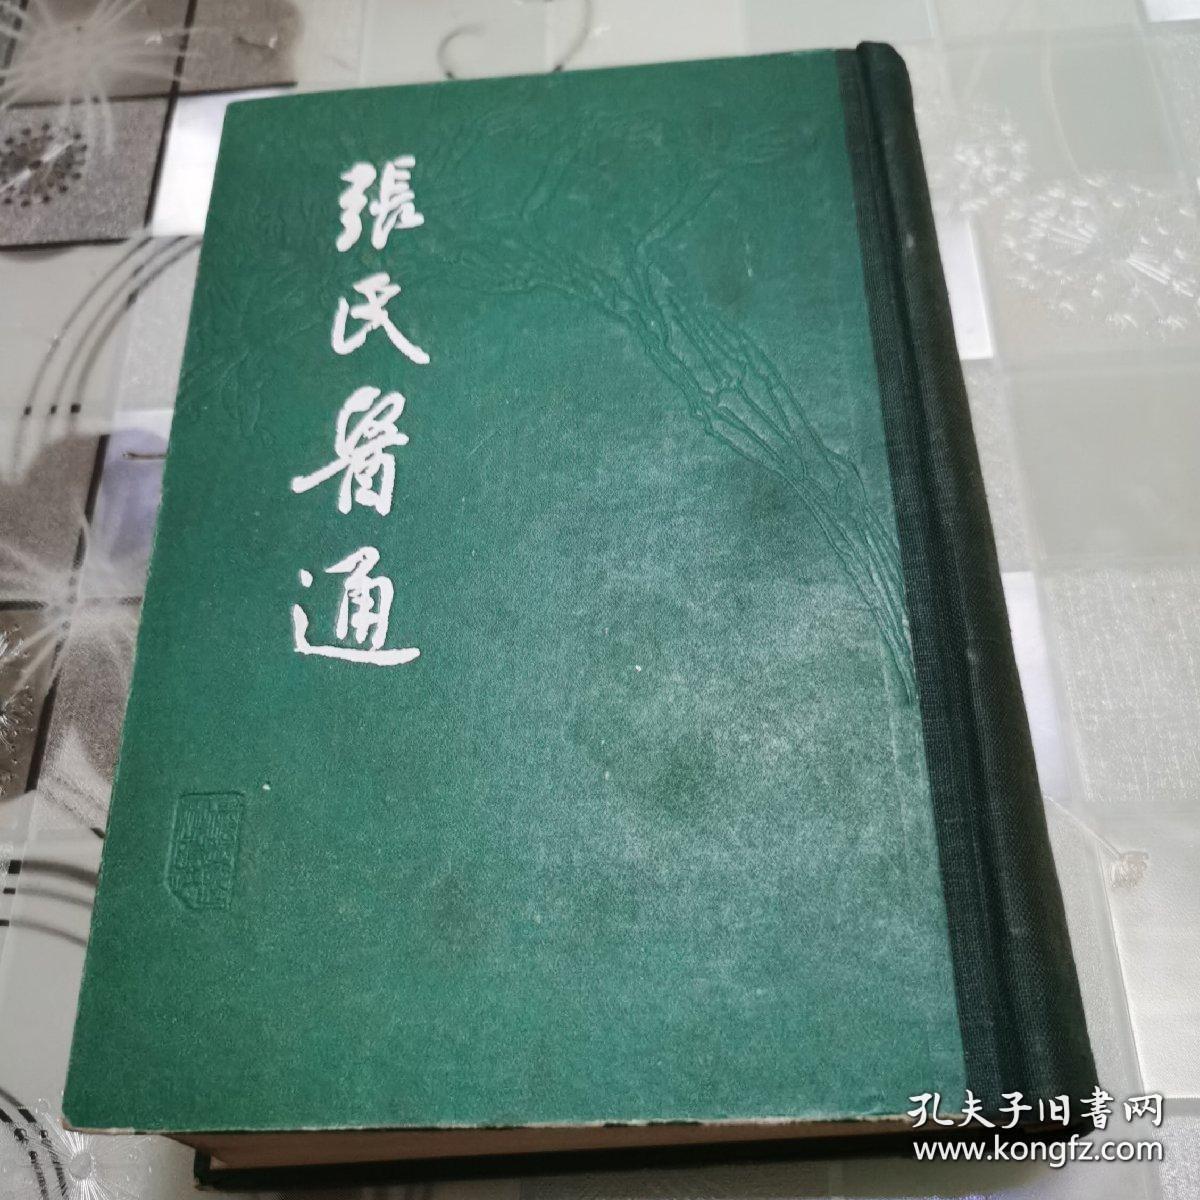 张氏医通,本书是个人藏书页内平整干净